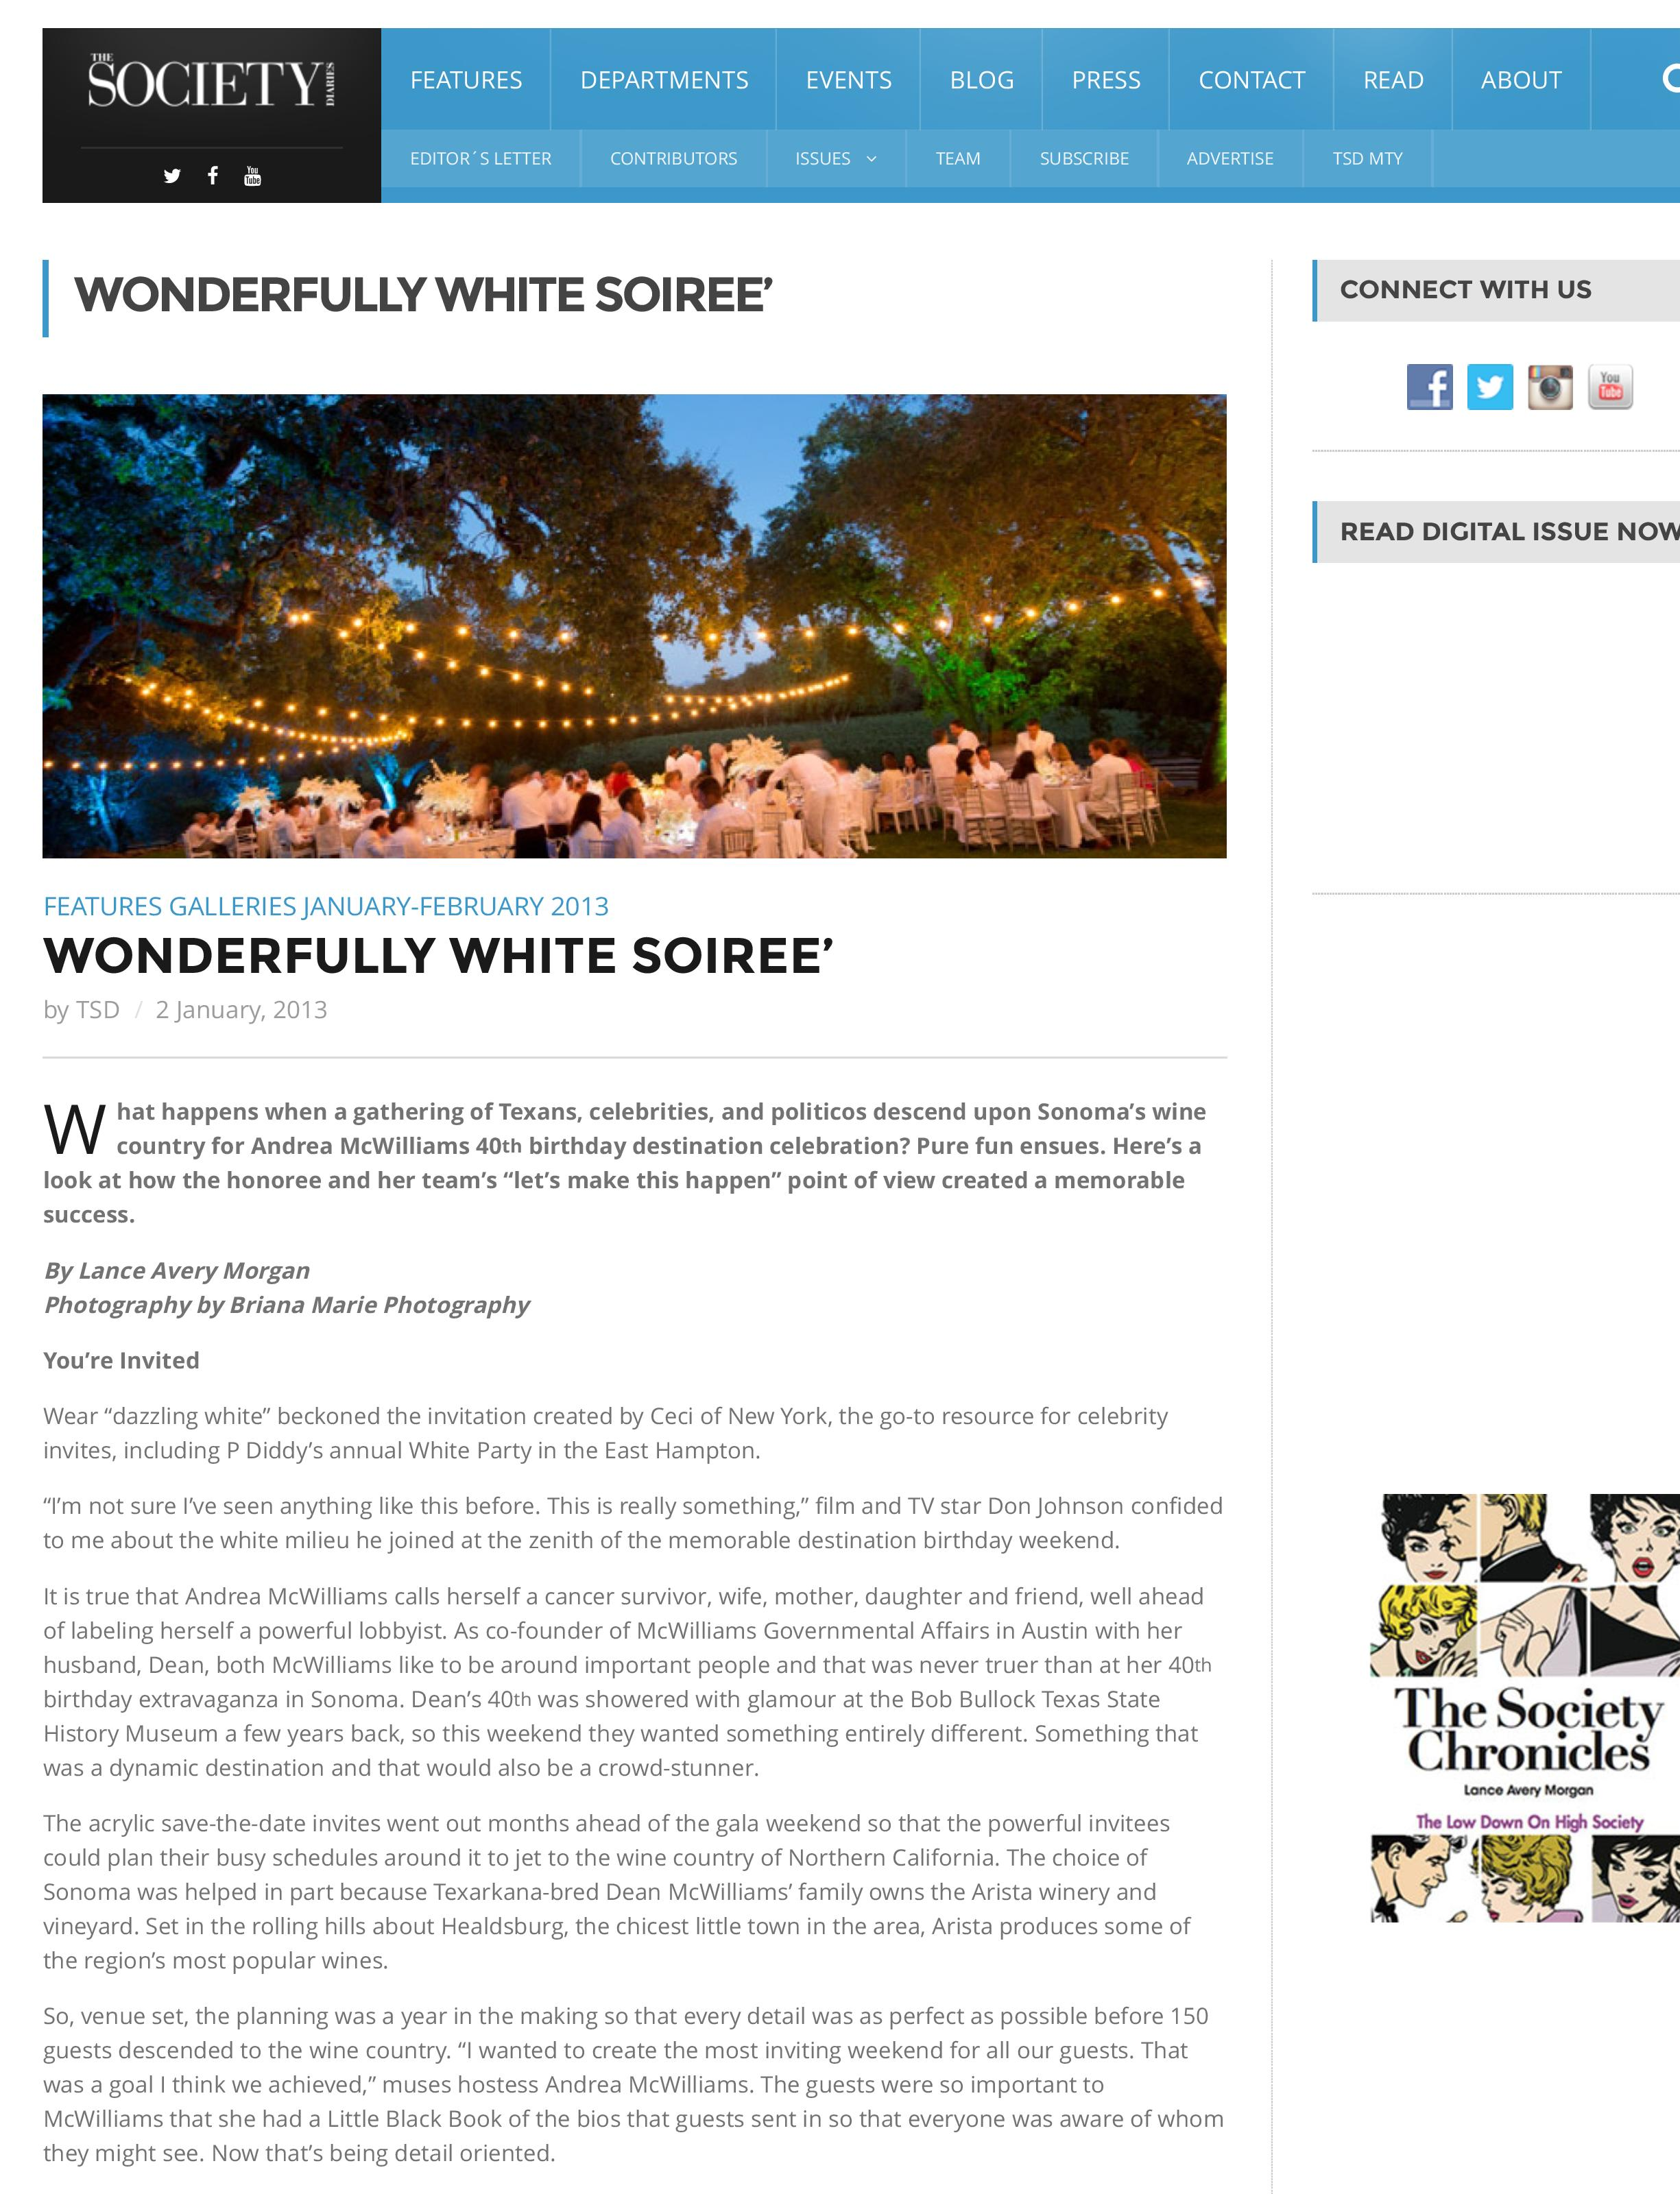 Wonderfully White Soiree - Society Diaries